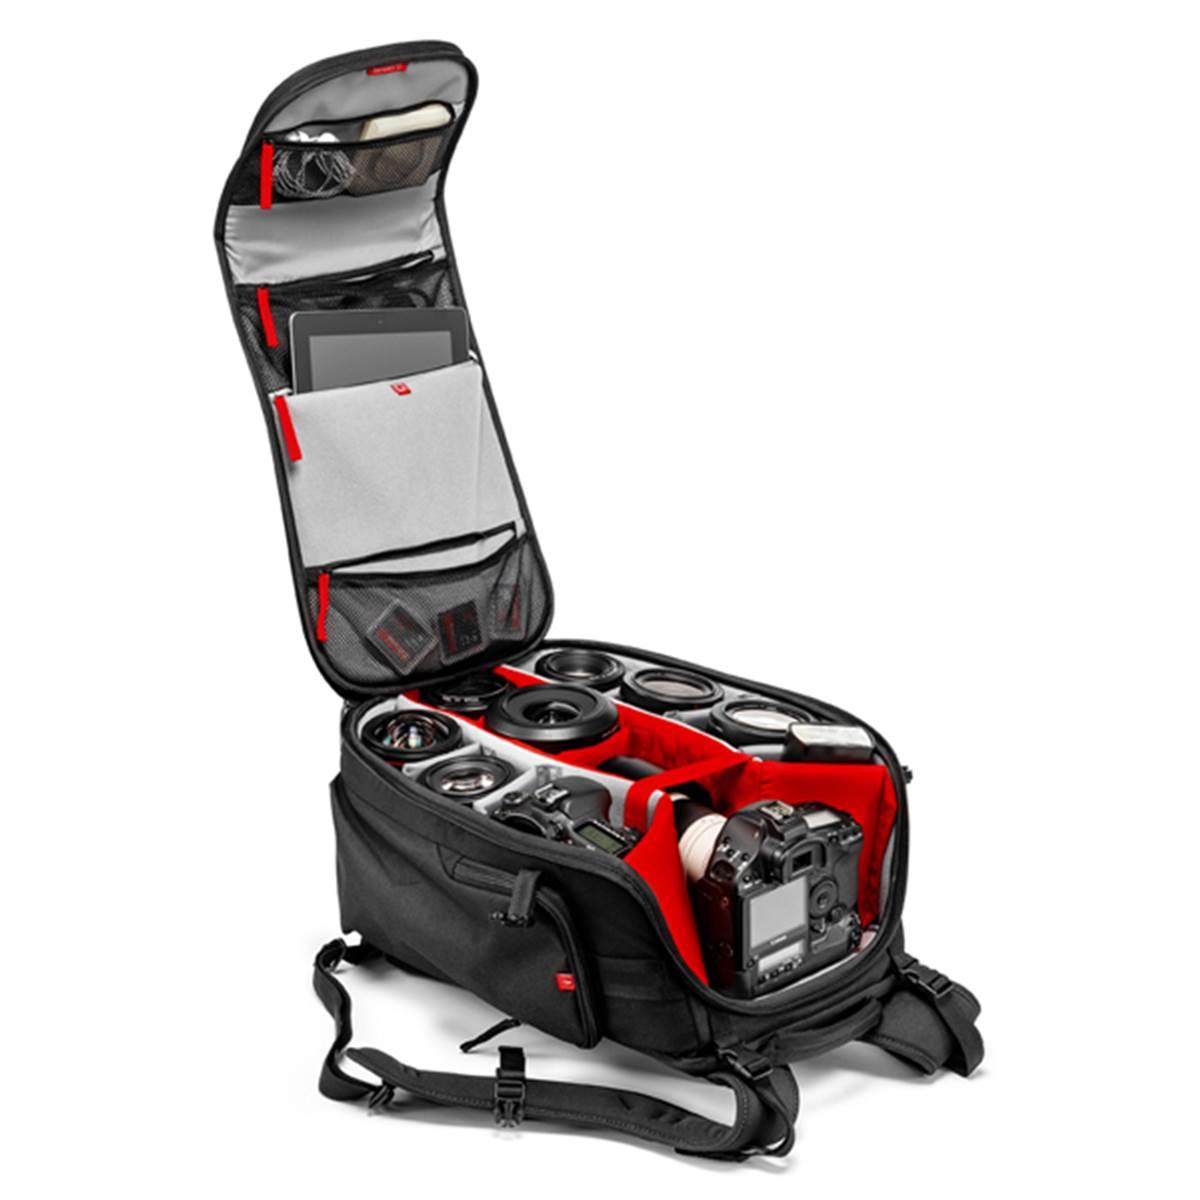 manfrotto sac backpack 50 prophot. Black Bedroom Furniture Sets. Home Design Ideas